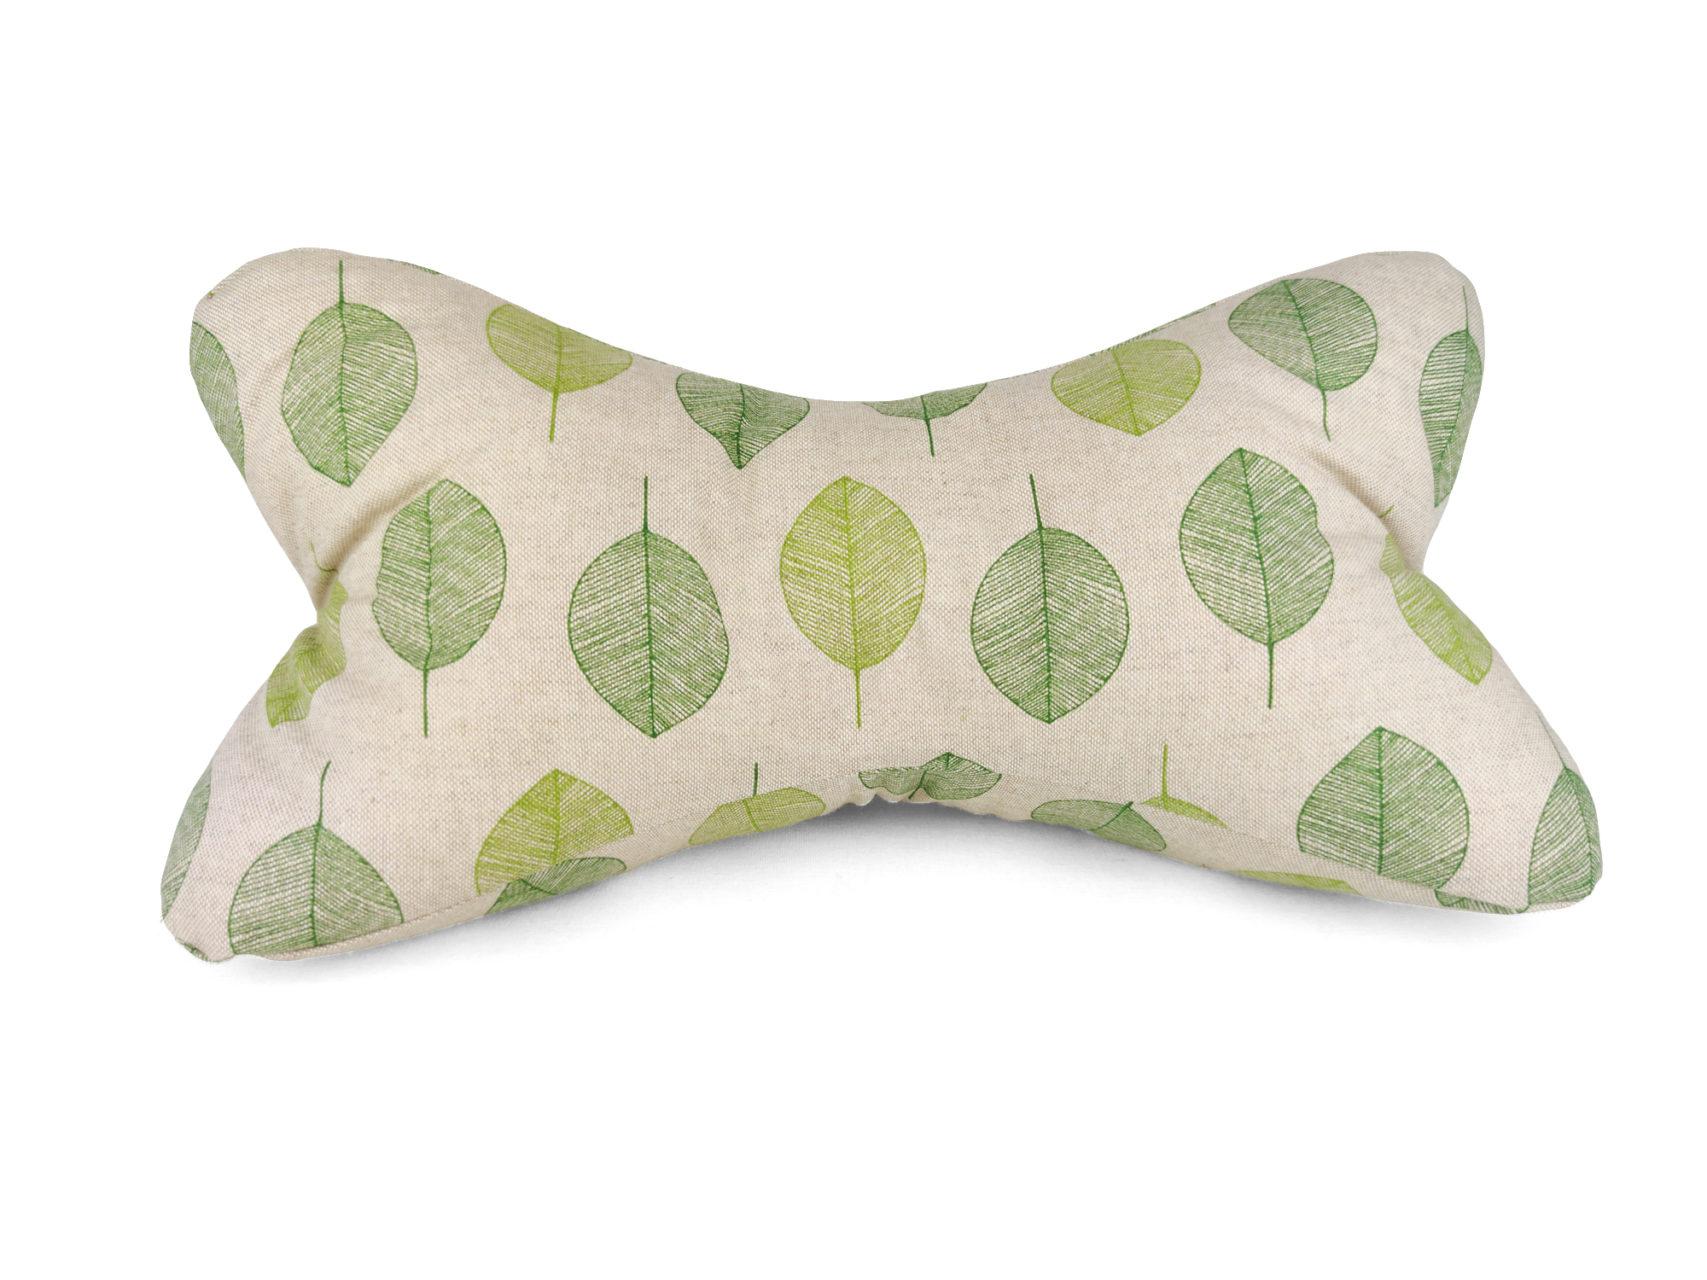 Leseknochen im Leinen Look mit grünen Blättern